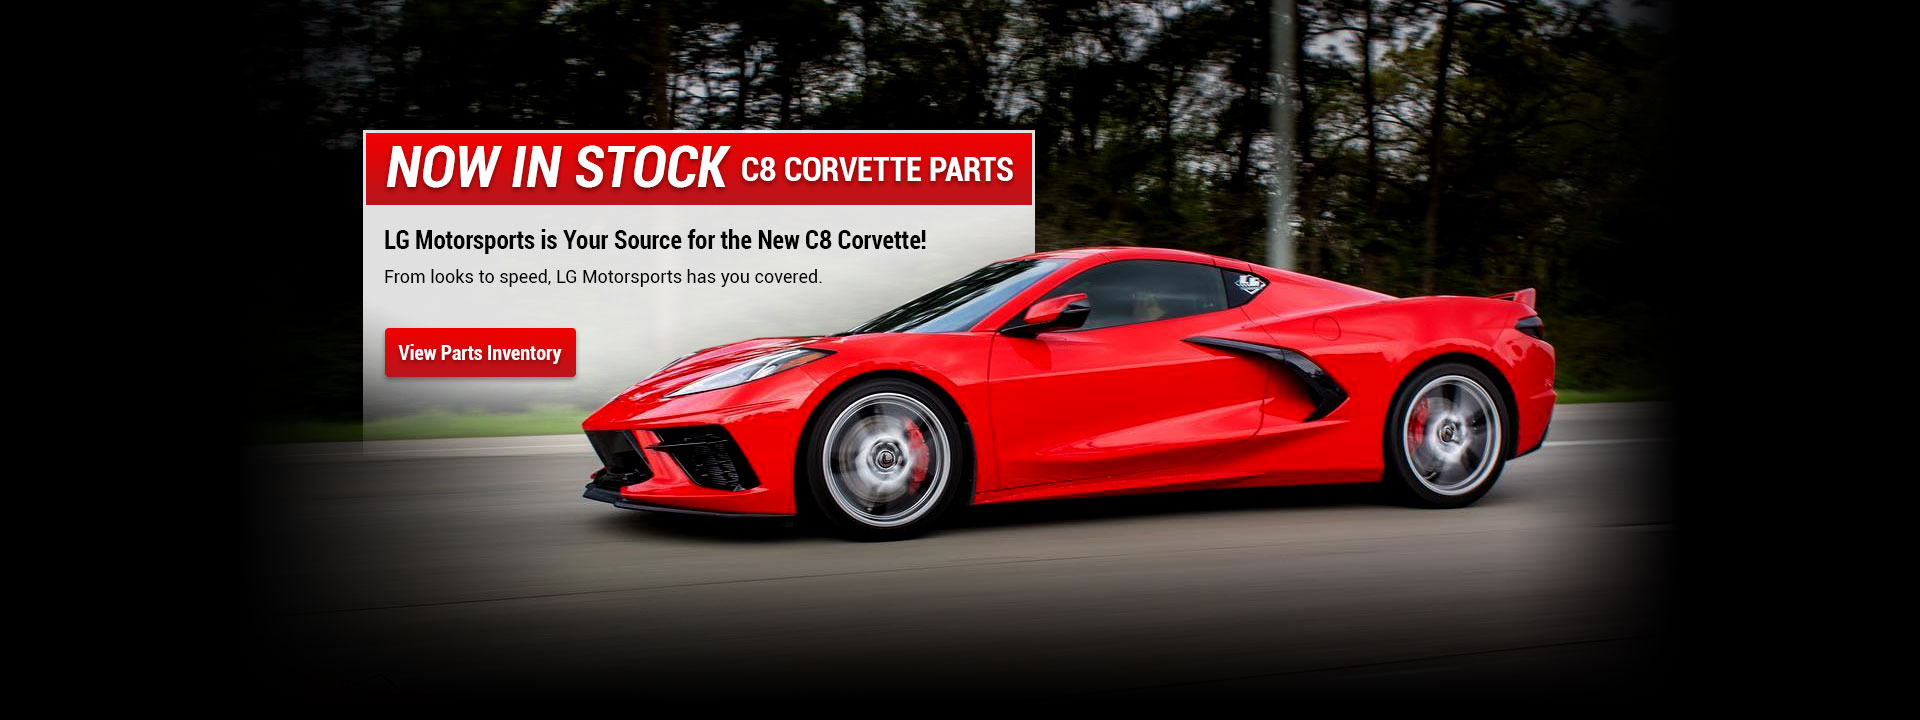 Corvette C8 Parts